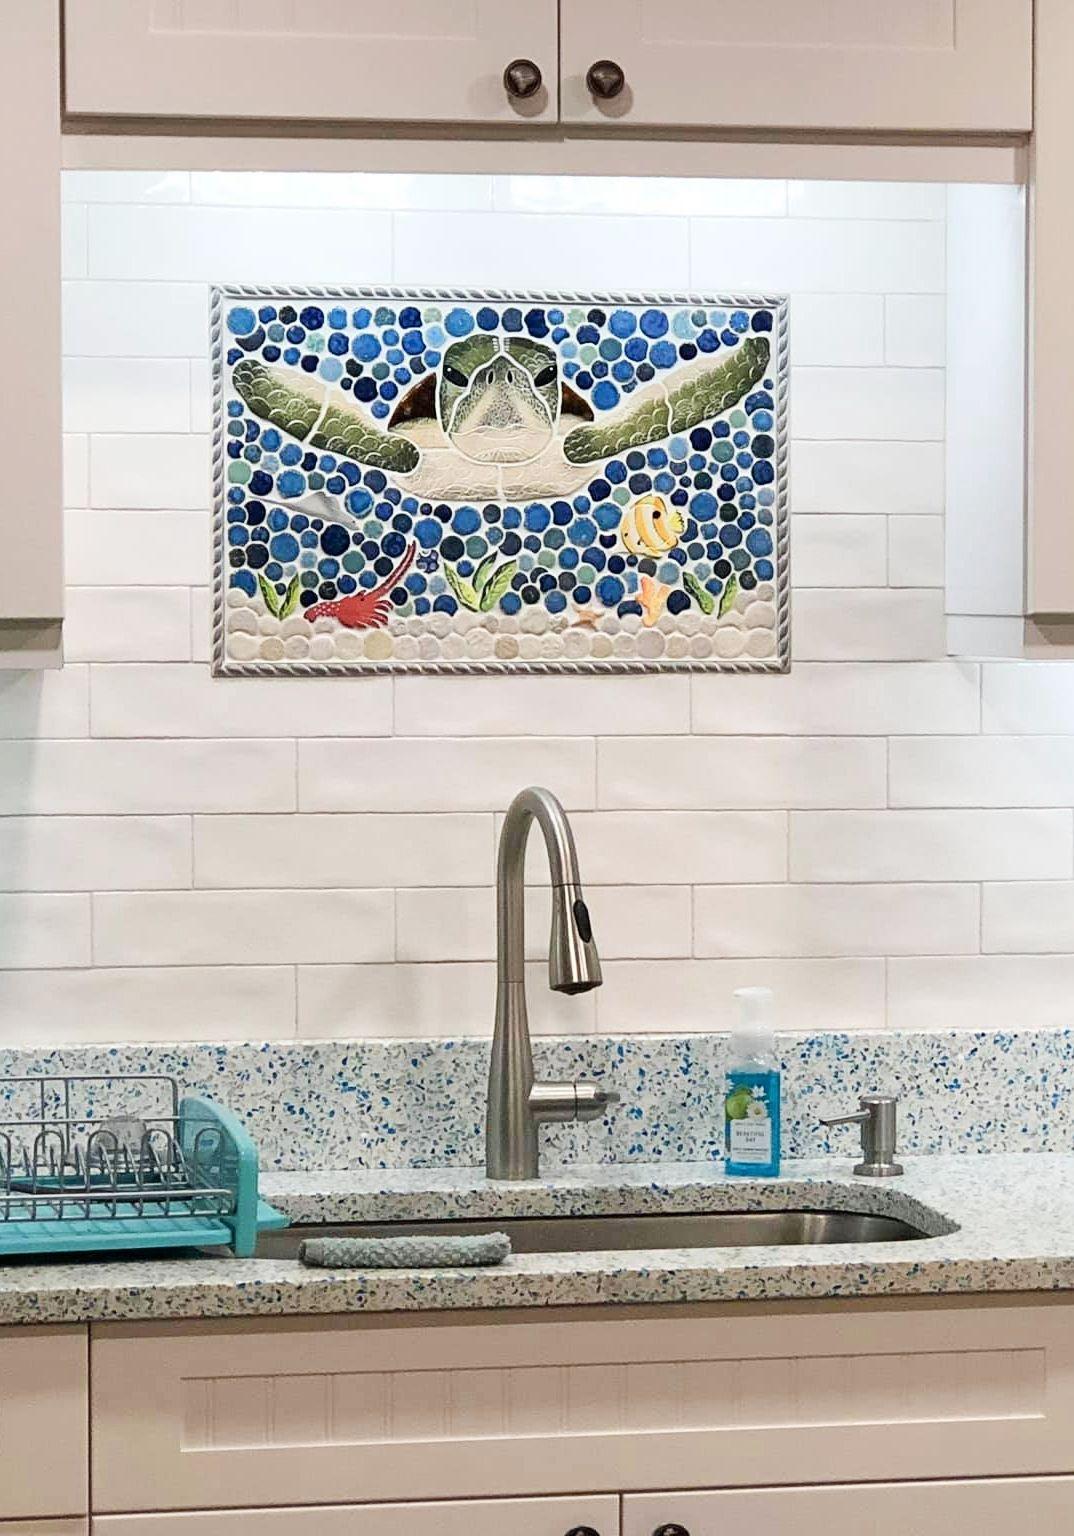 Coastal Kitchen Backsplash Ideas With Mosaic Tiles Beach Murals Coastal Kitchen Backsplash Ideas Coastal Kitchen Design Coastal Kitchen Coastal kitchen backsplash ideas